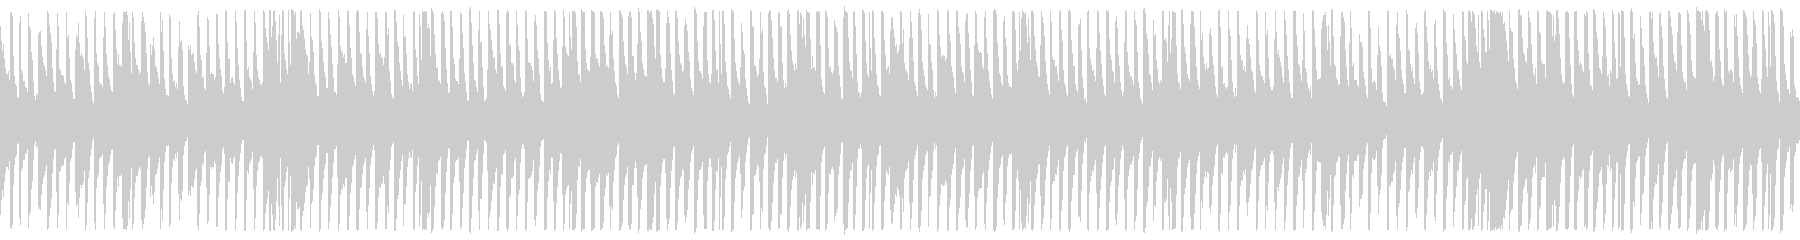 【ベース抜き】明るく爽やかなPR動画用Bの未再生の波形